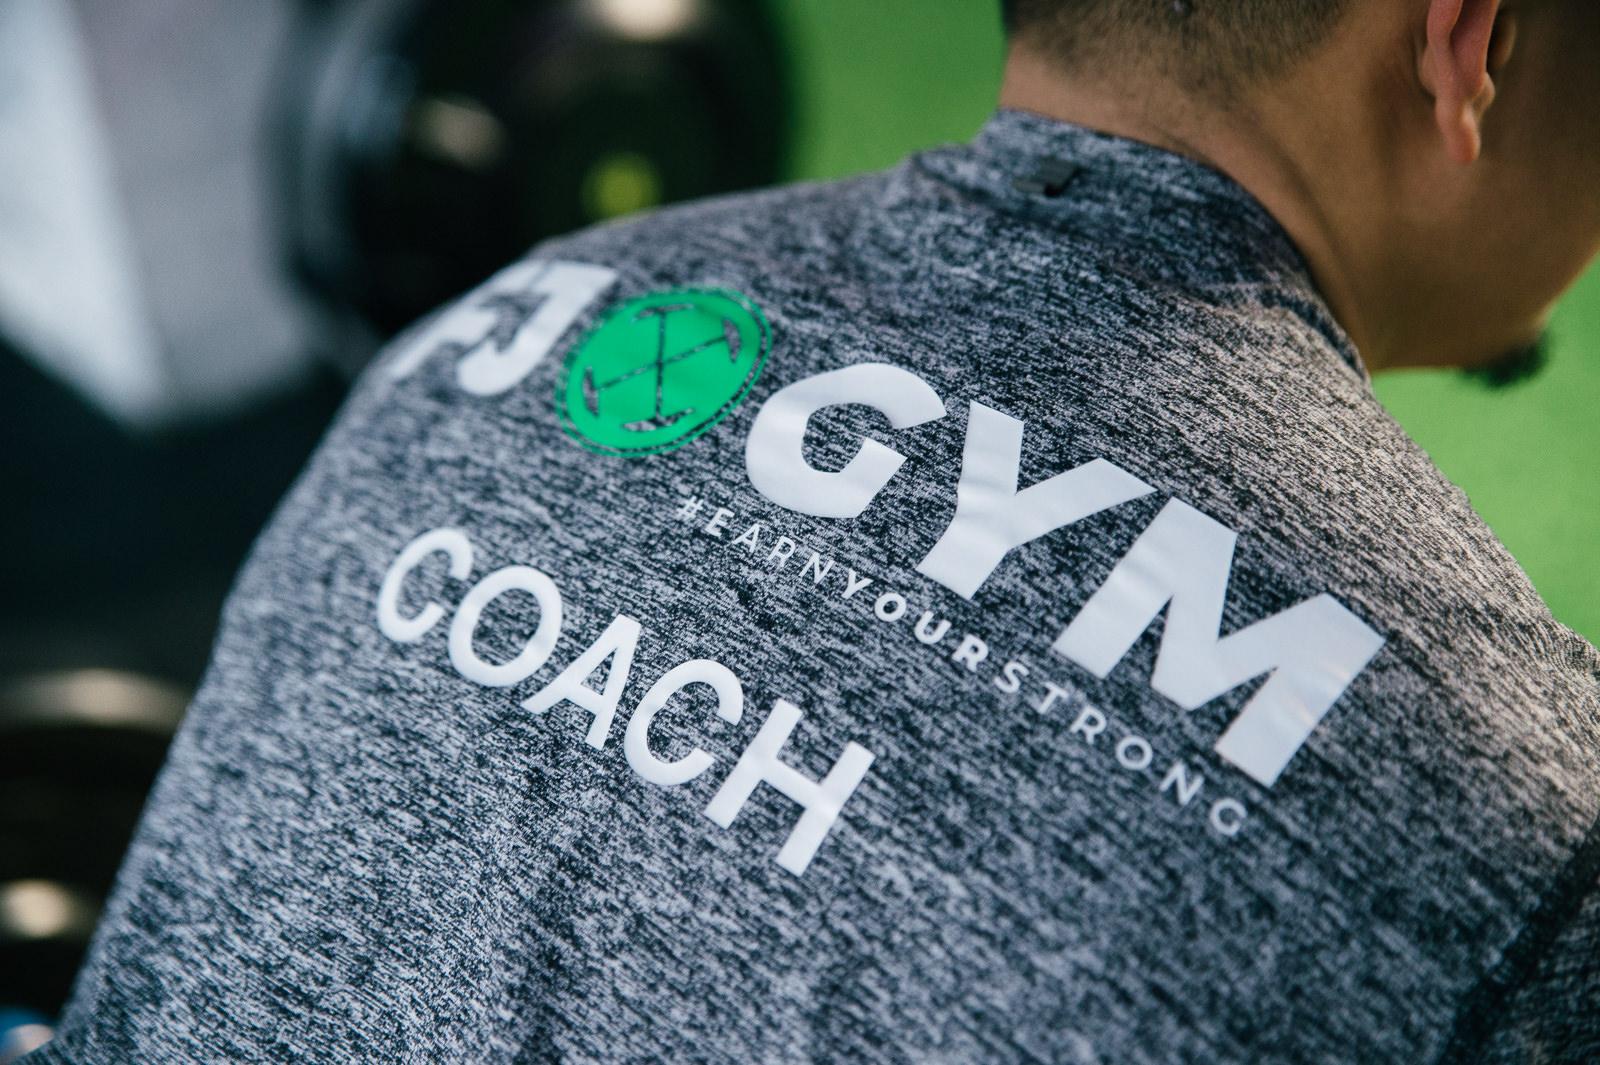 fj gym coach